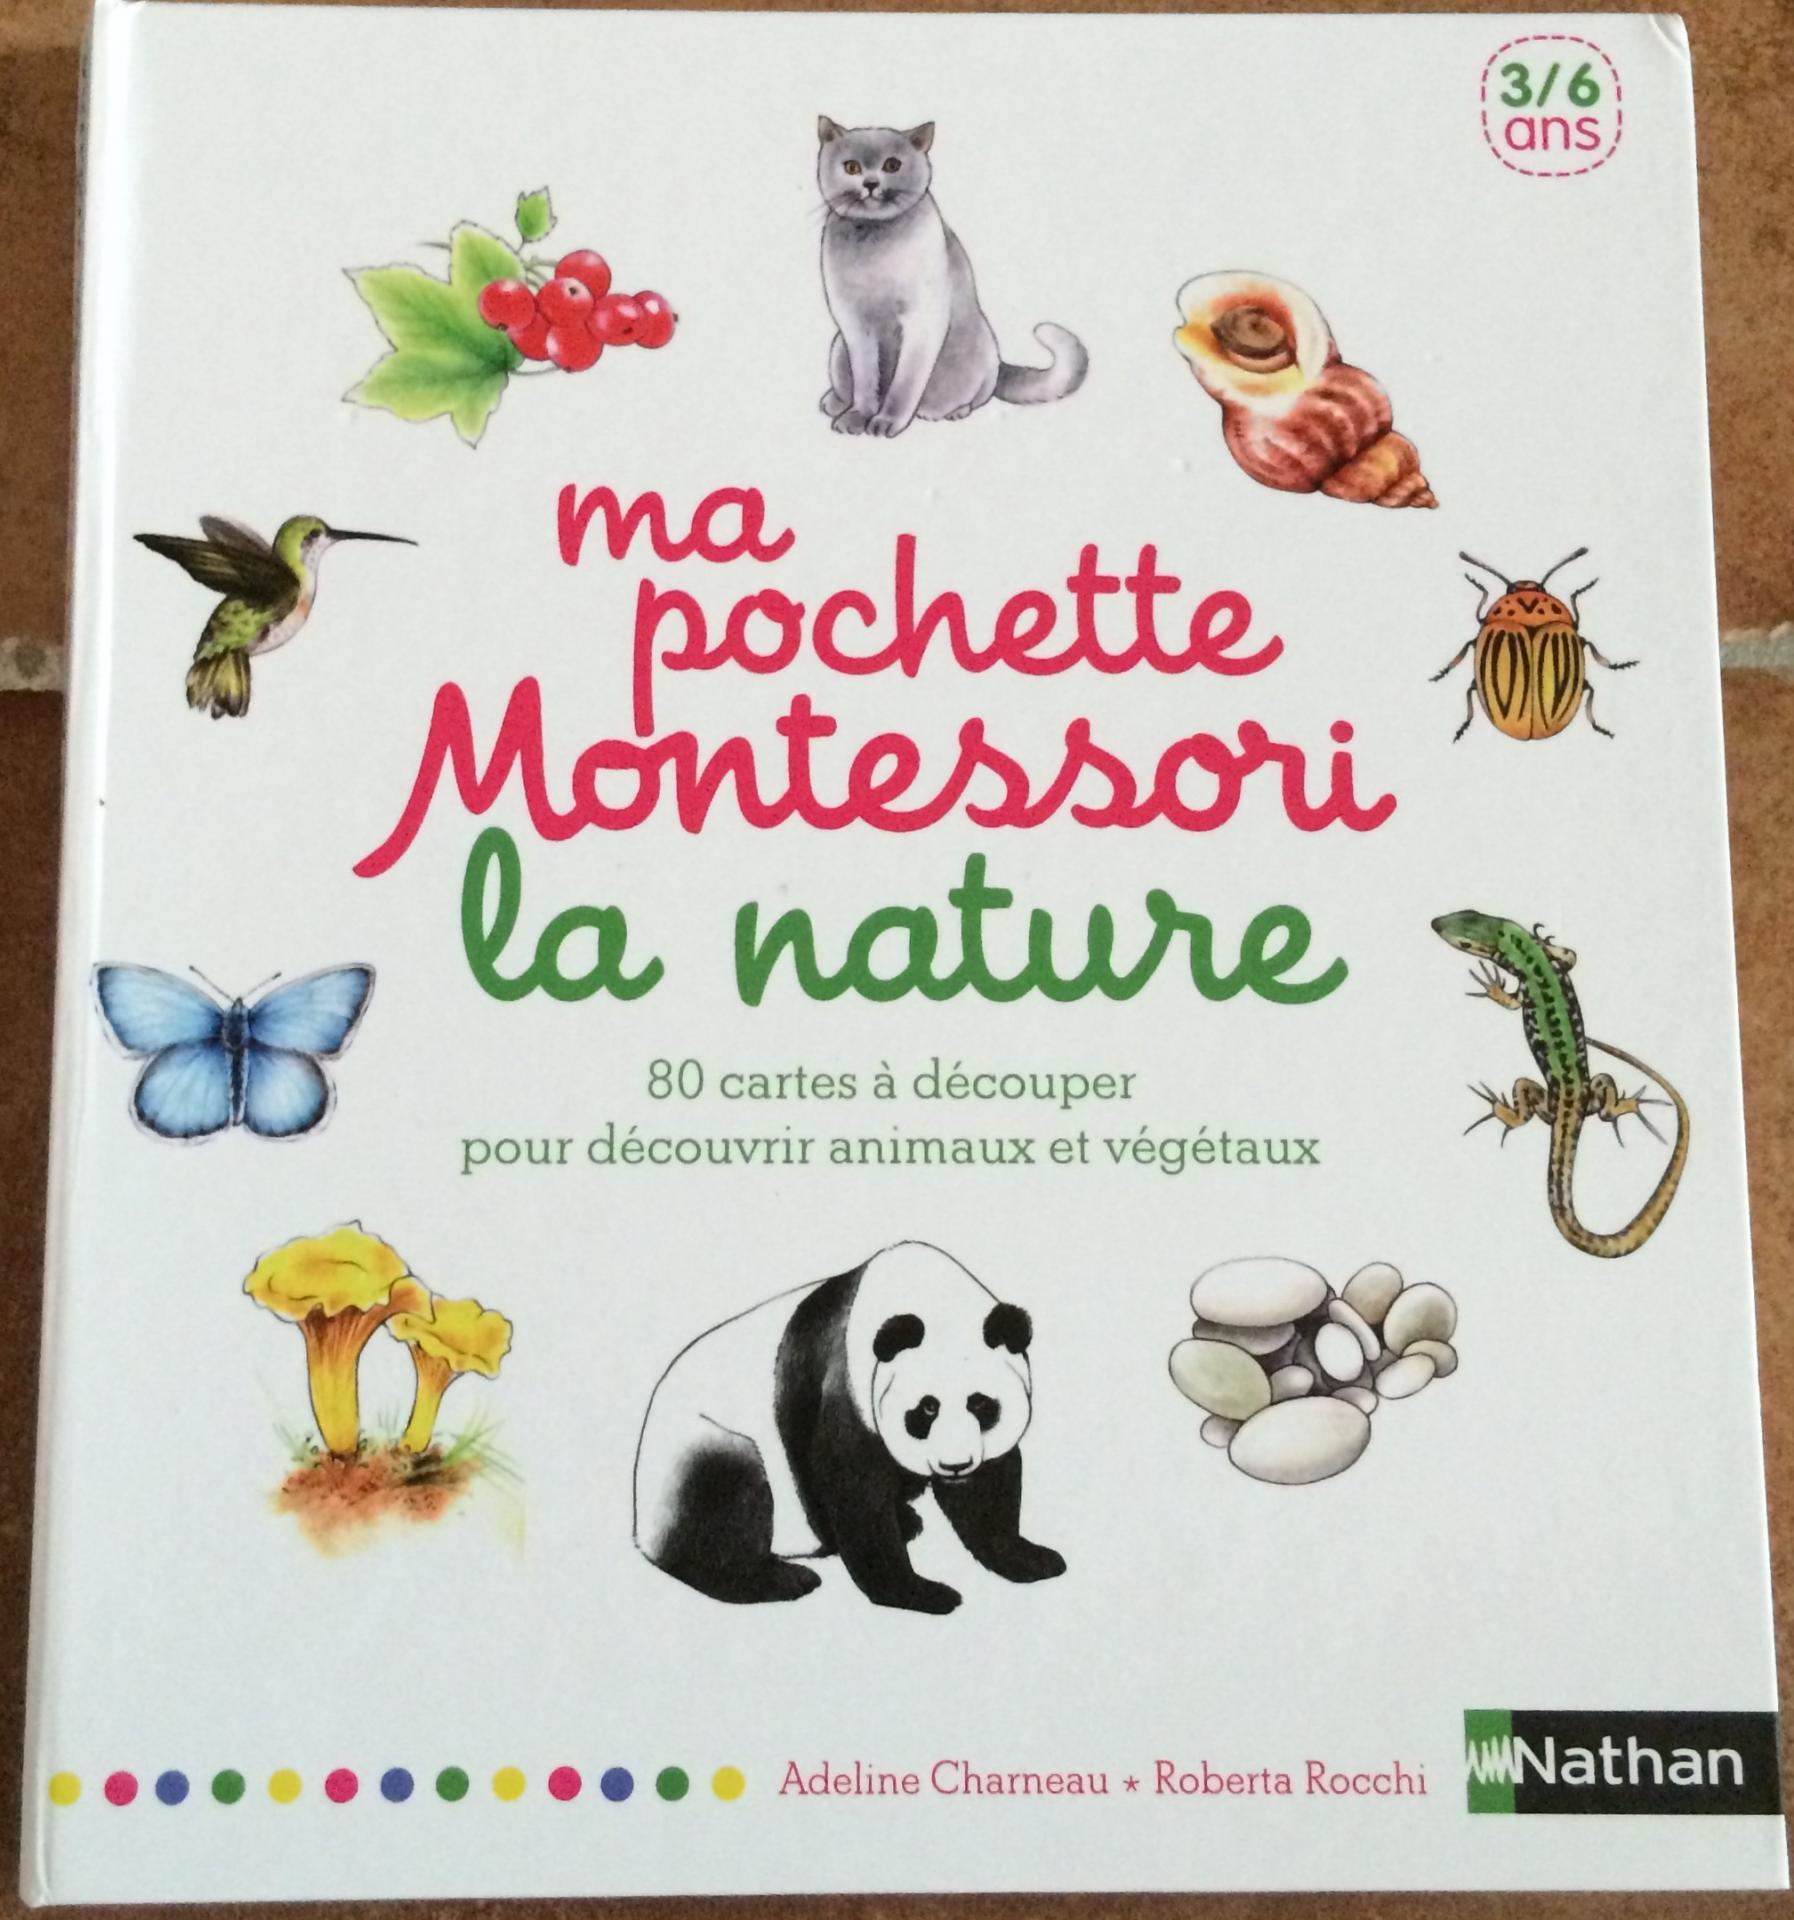 Ma pochette Montessori: la nature